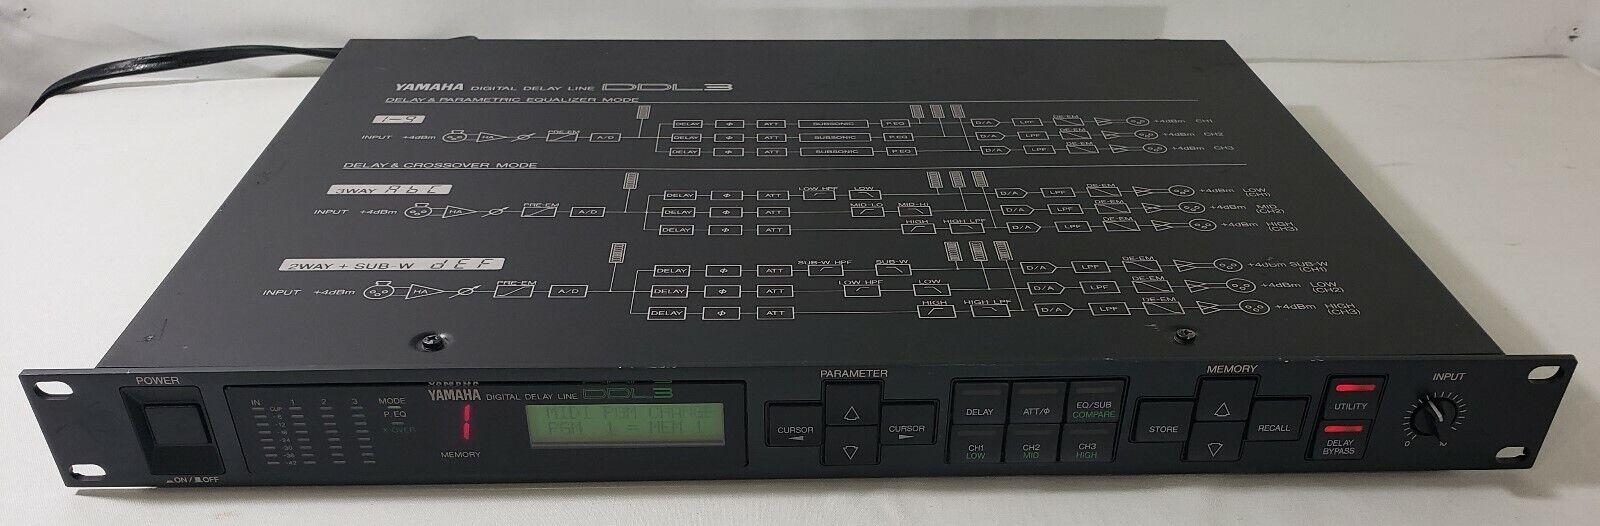 Yamaha DDL3 Digital Delay Line - Parametric Equalizer Crotver Mode